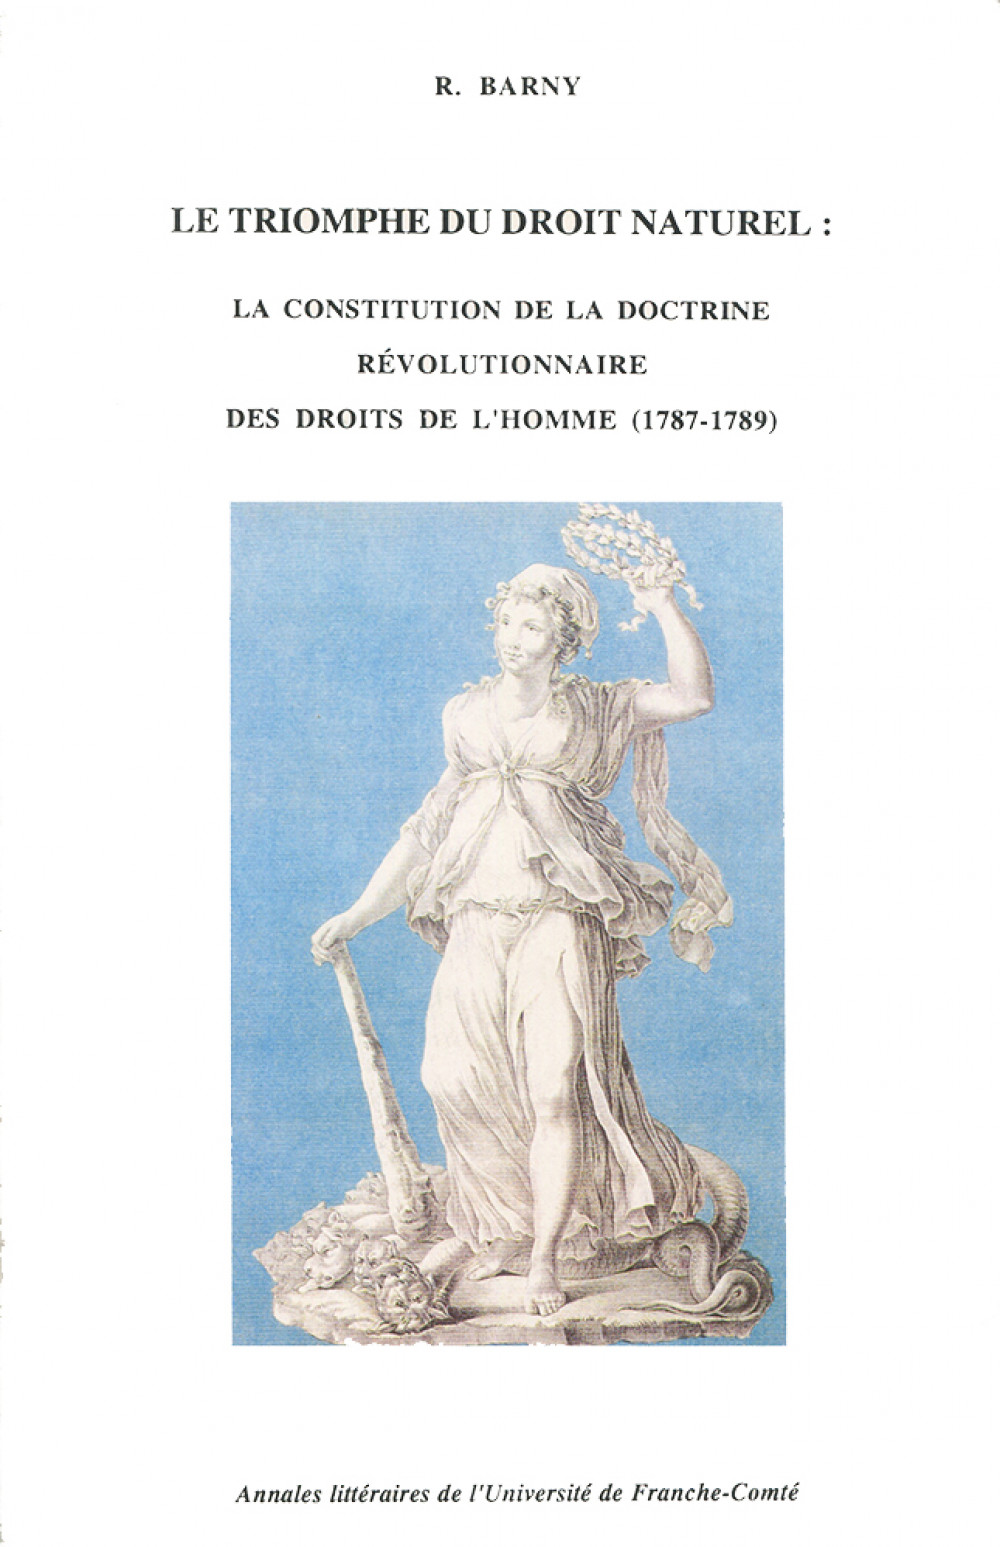 Le triomphe du droit naturel : La constitution de la doctrine révolutionnaire des droits de l'homme (1787-1789)